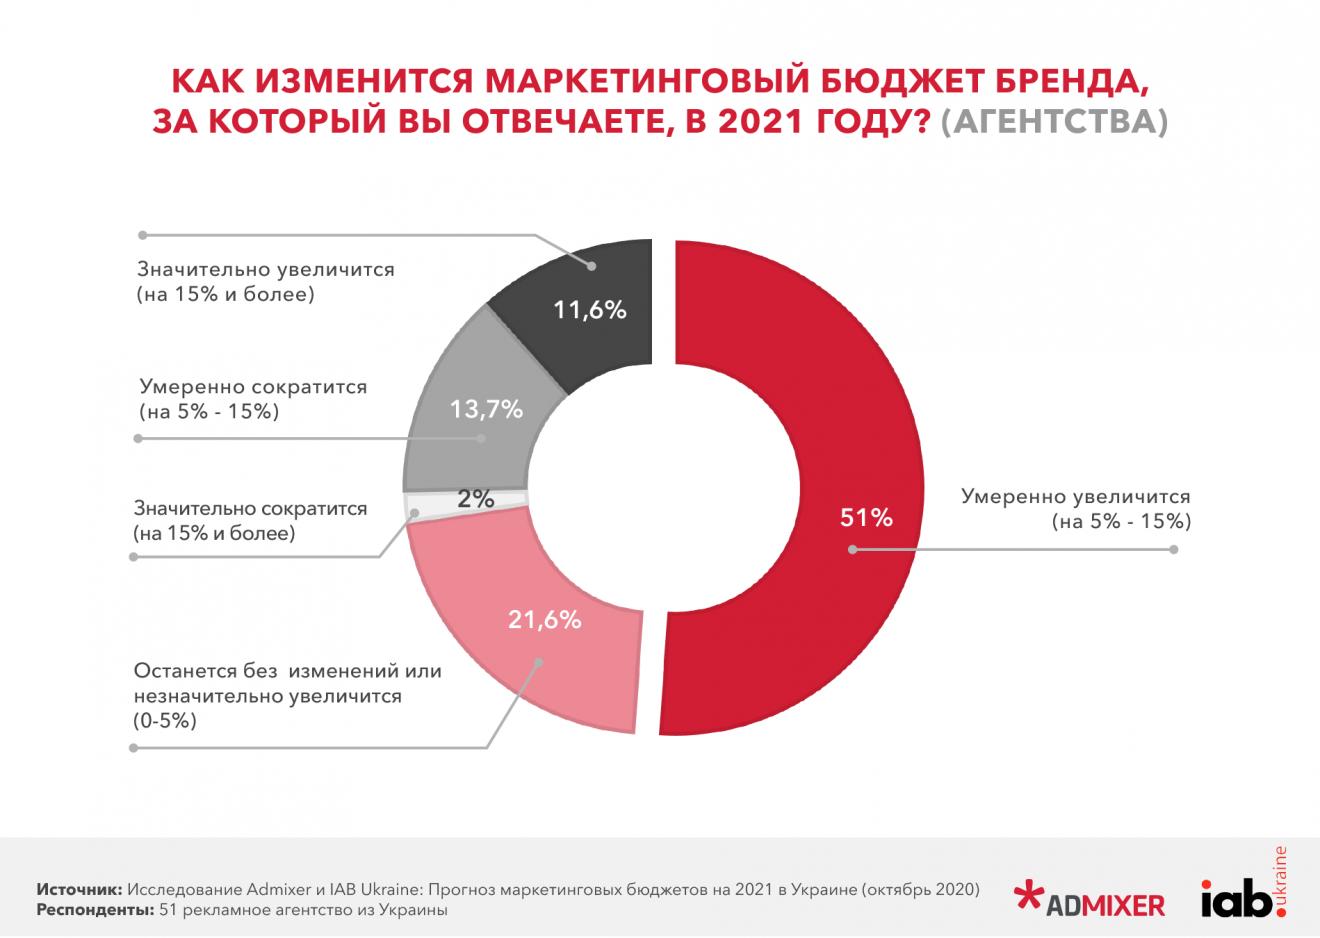 2-1320x938 Прогноз маркетингових бюджетів в Україні на 2021 рік. Дослідження Admixer і IAB Ukraine